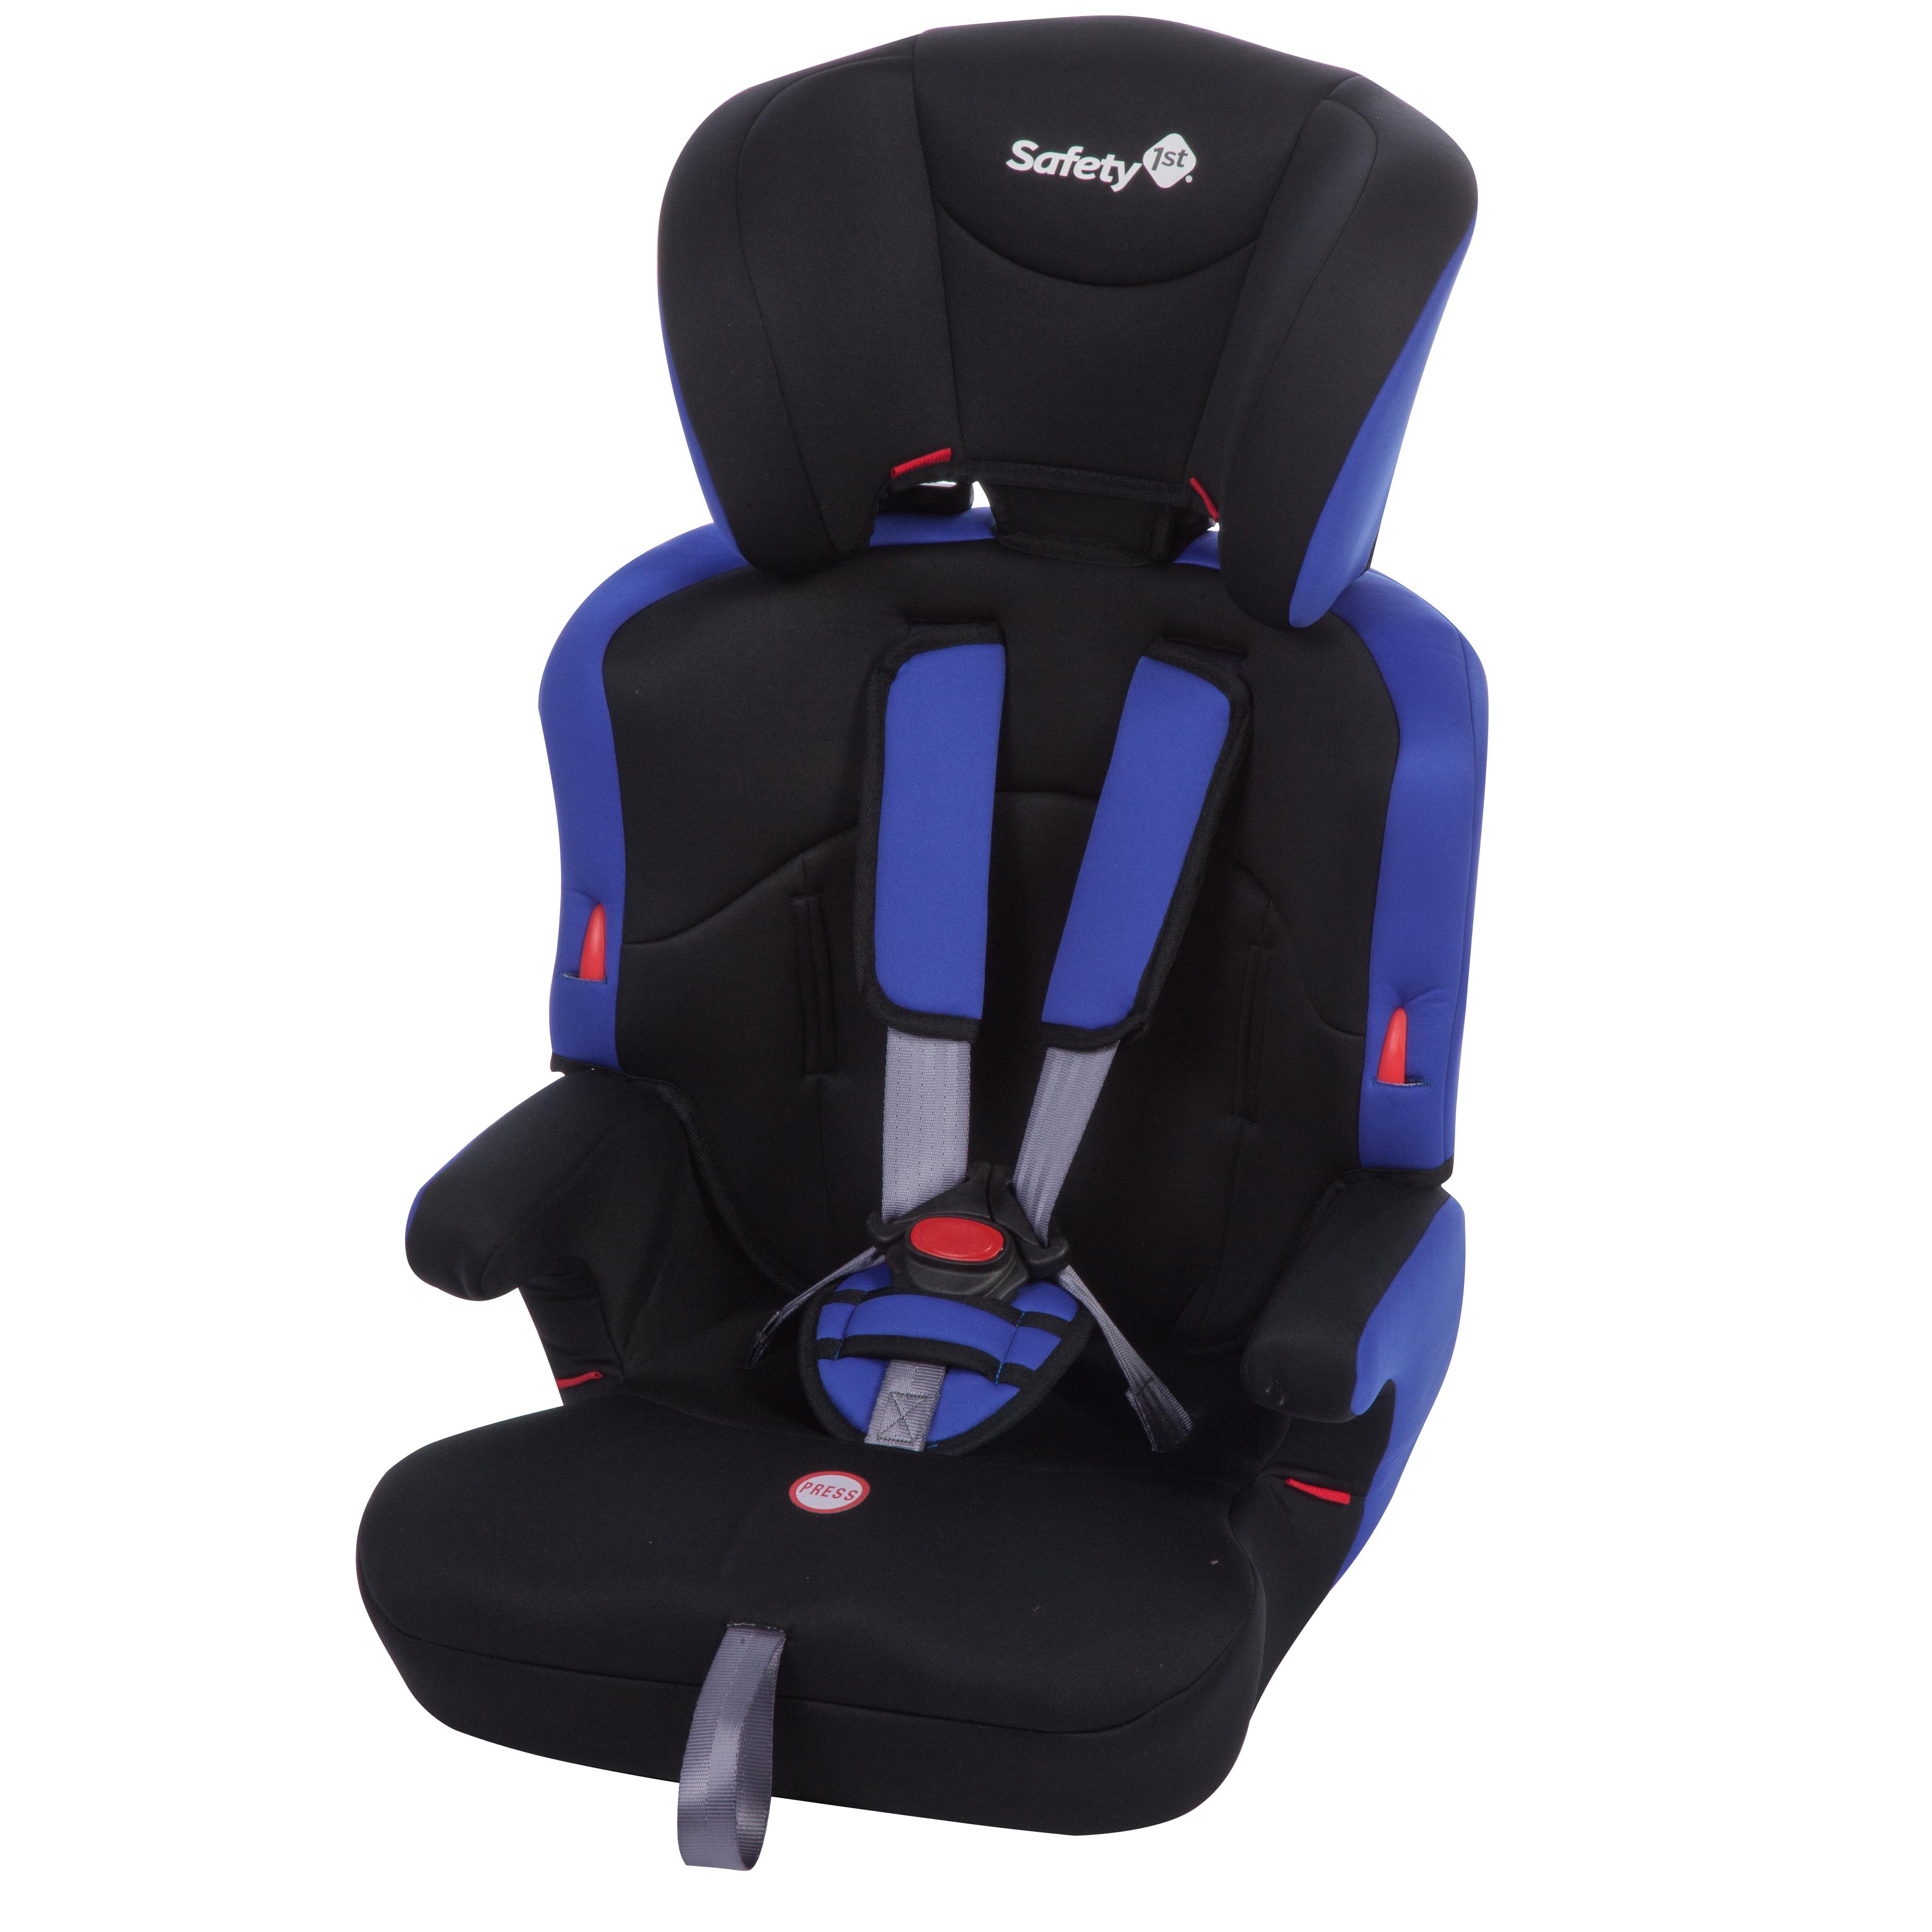 Buy Safety1st - Ever Safe (9-36 kg)